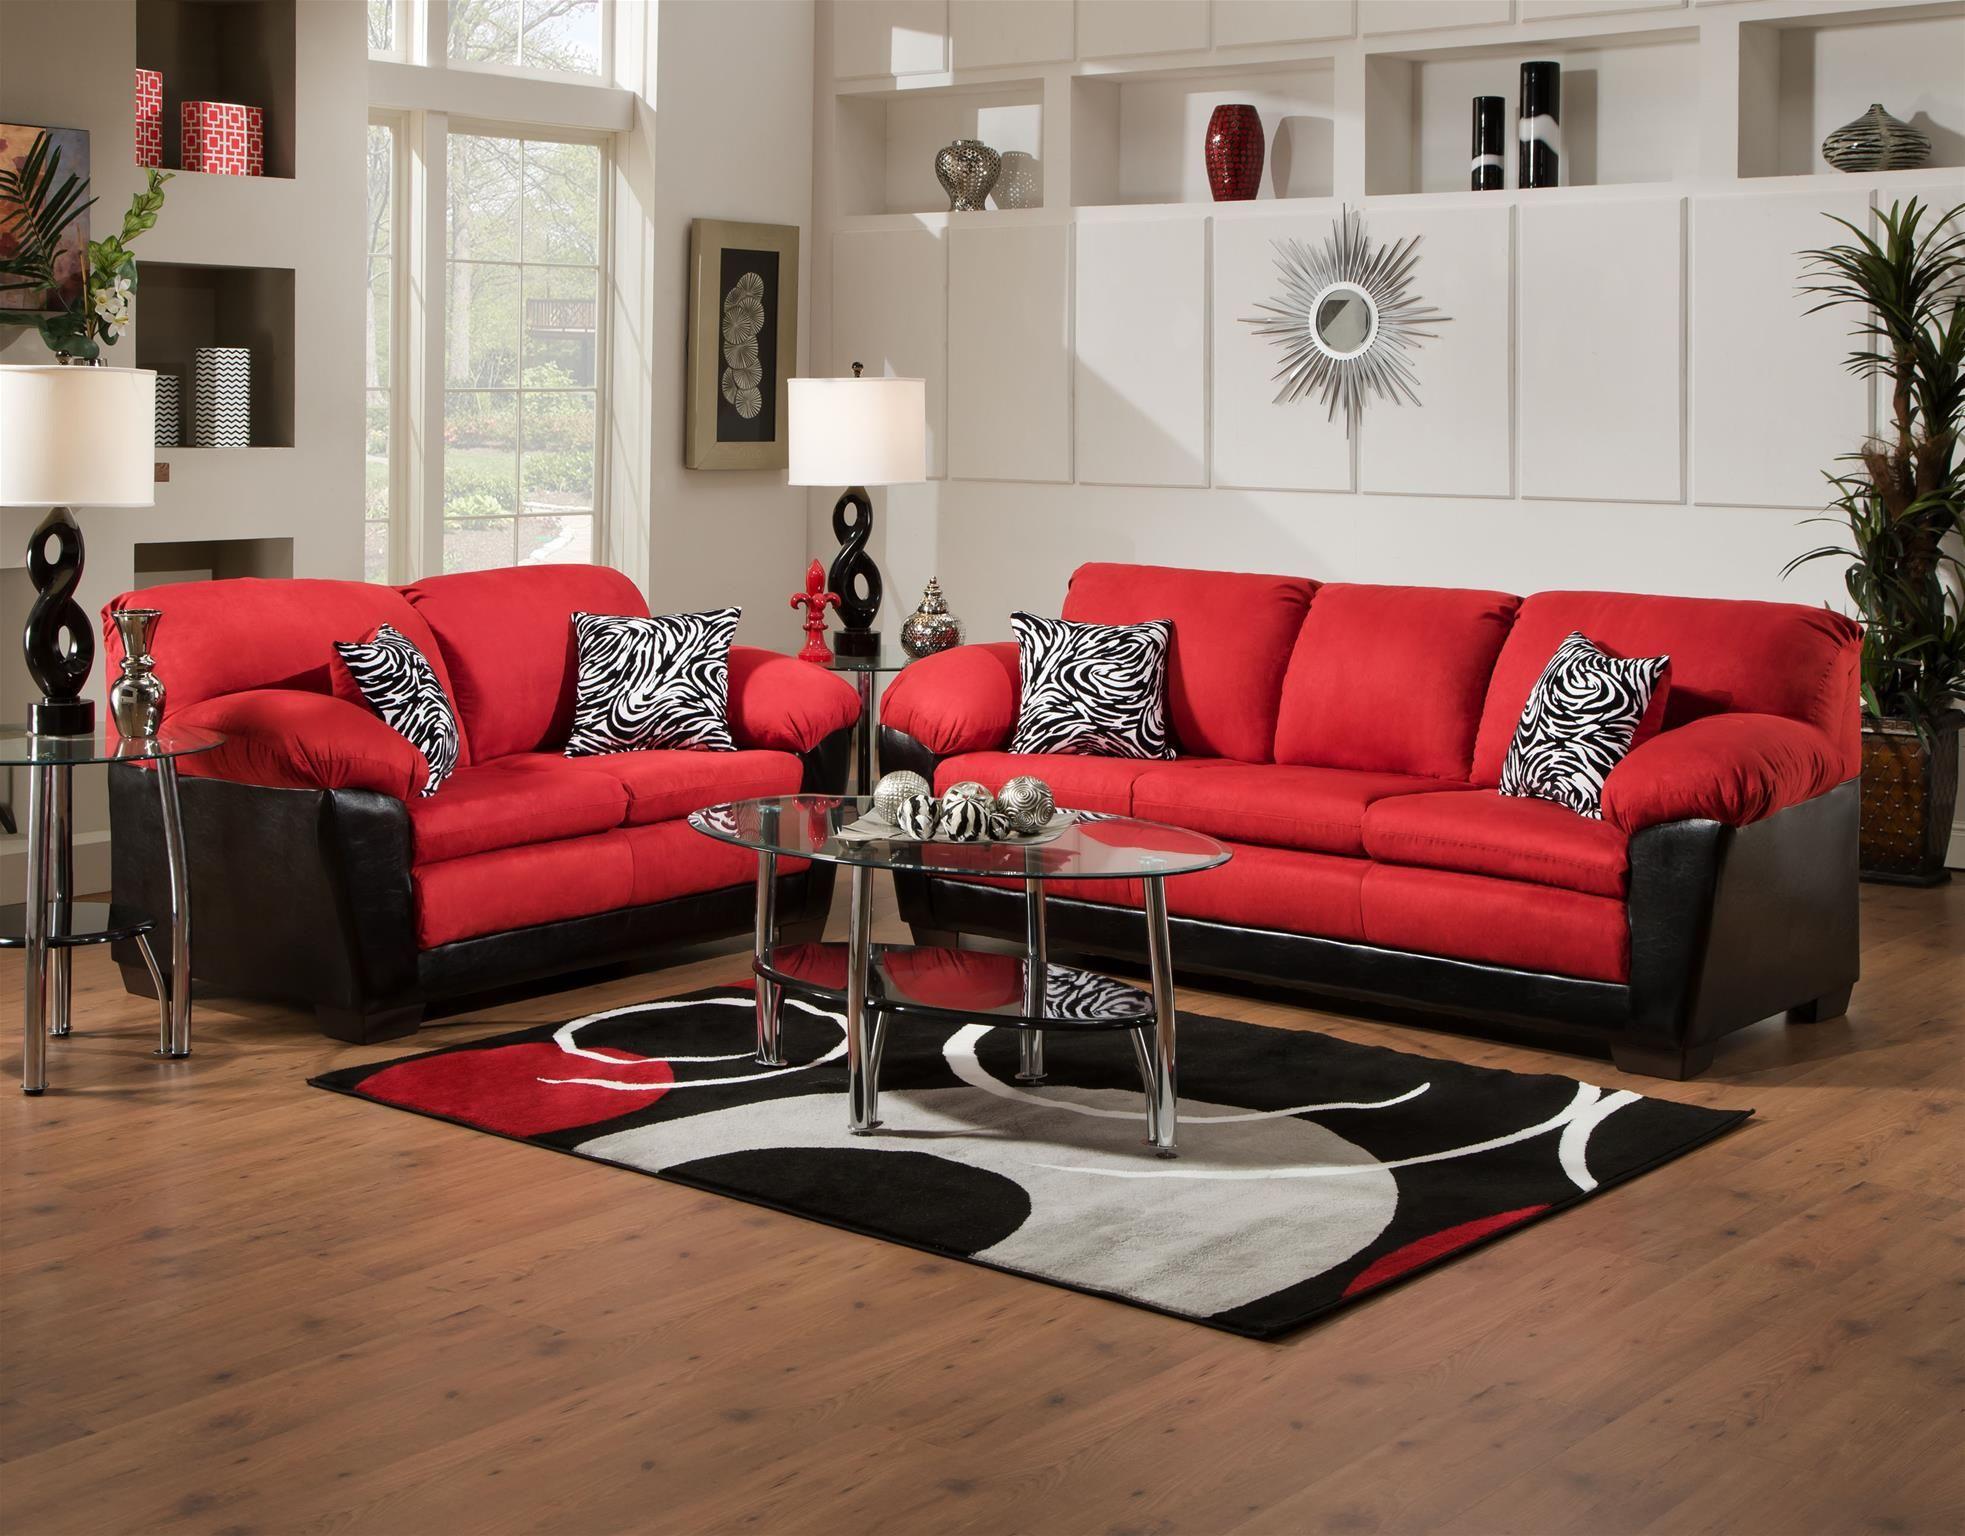 Beeindruckend Coole Möbel Ideen Von Günstige Möbel Design Idee - Hintergrund Kann